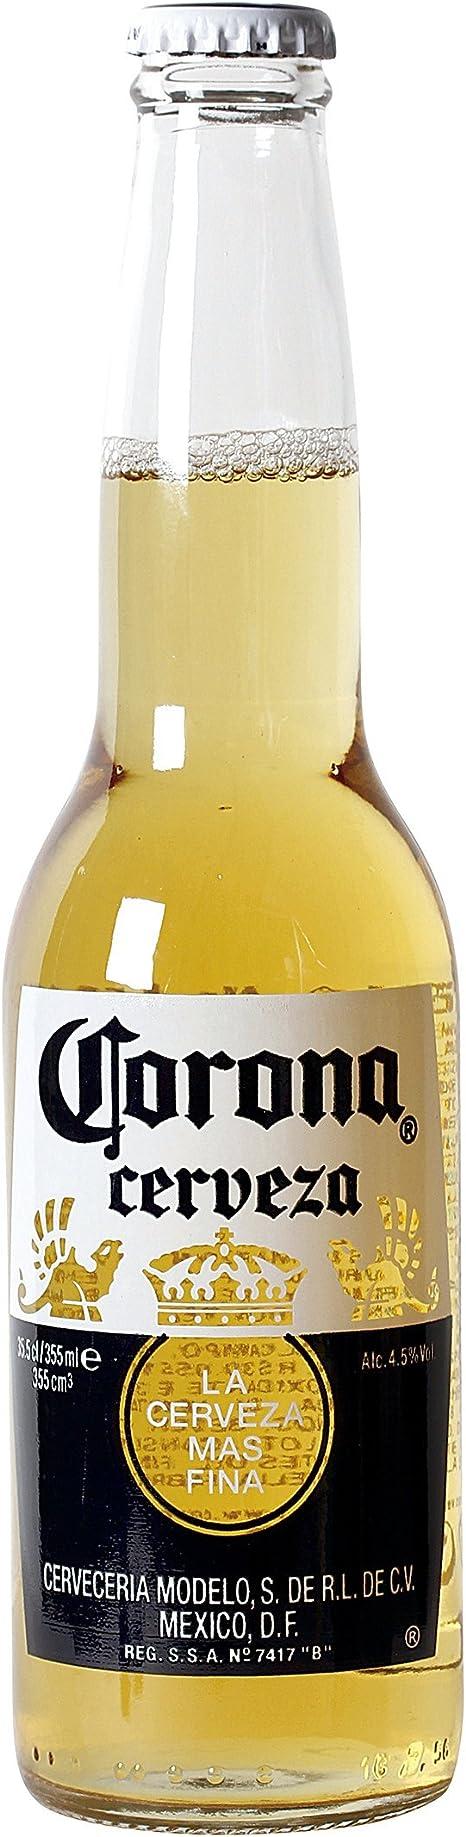 Corona - Cerveza - 355 ml: Amazon.es: Alimentación y bebidas